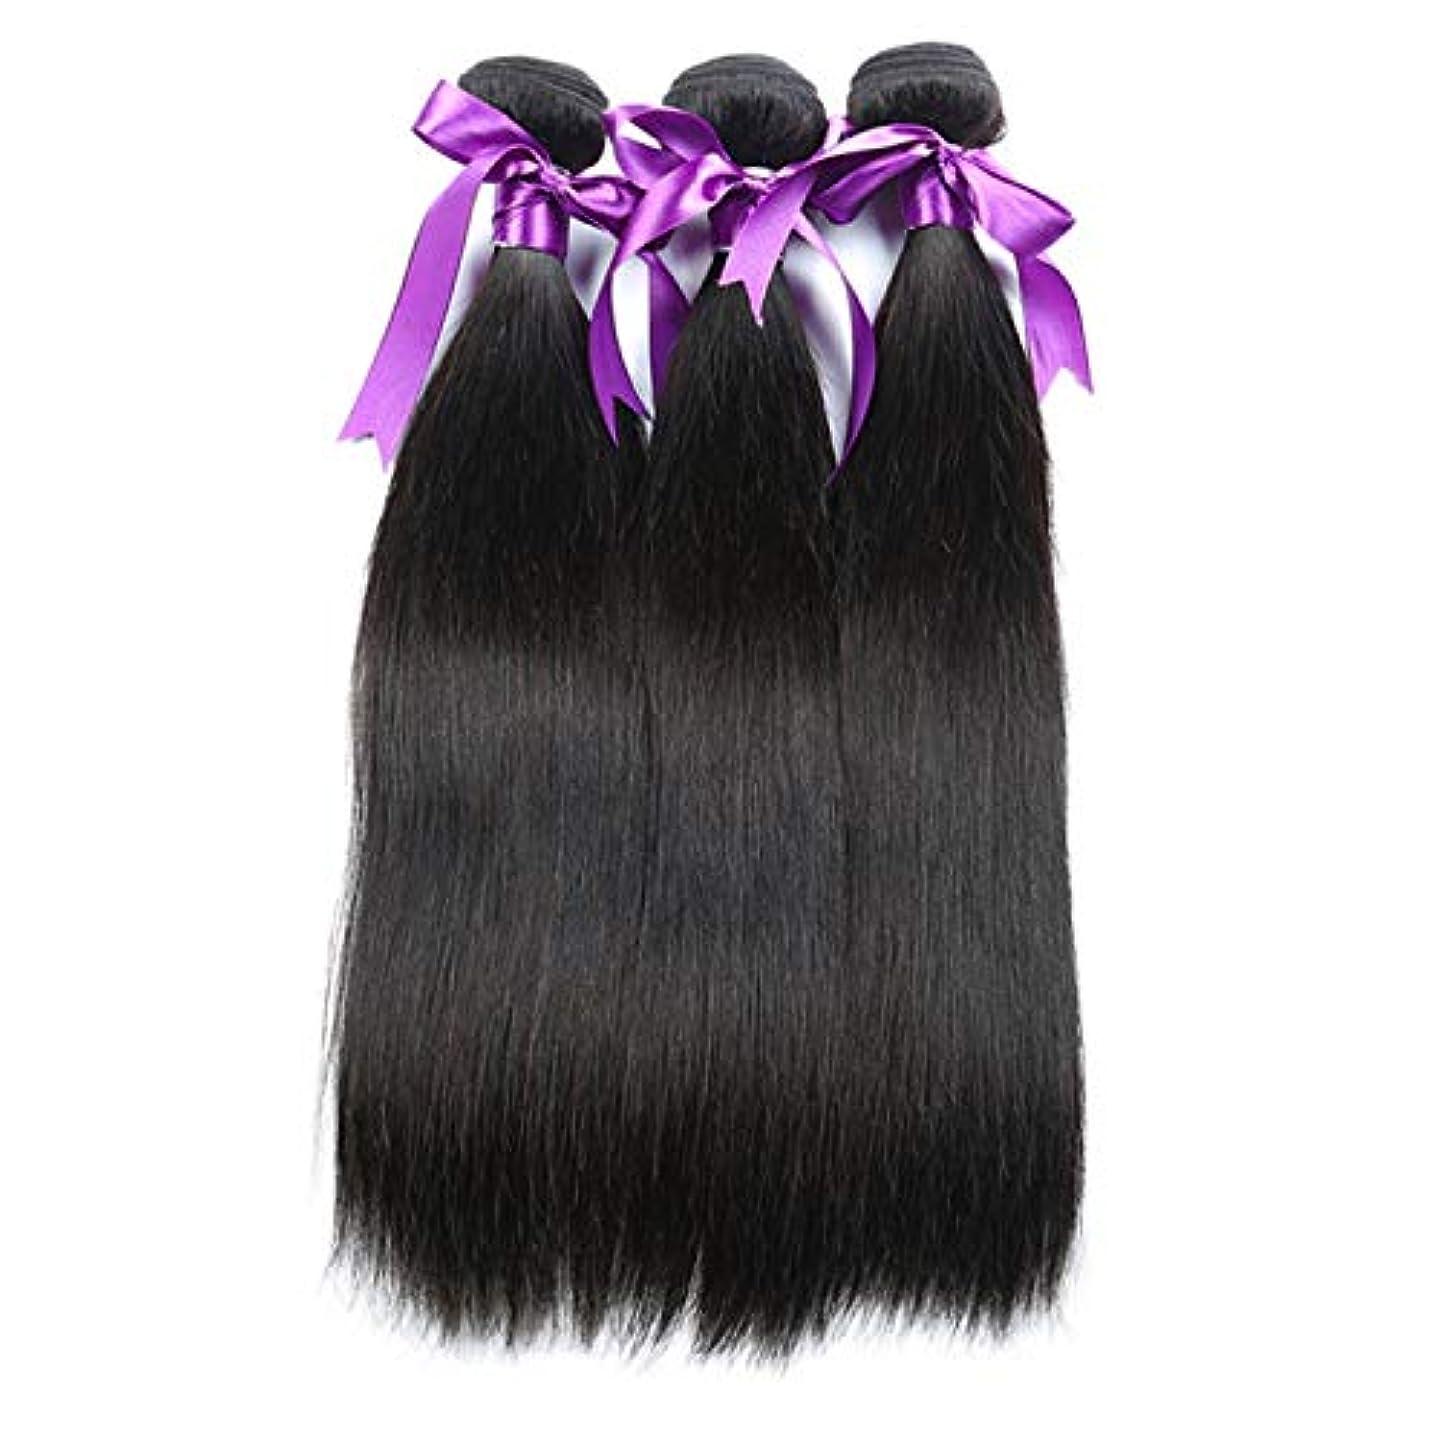 プレミア小さいジャンプするブラジルストレートヘアバンドル8-28インチ100%人毛織りレミー髪ナチュラルカラー3ピースボディヘアバンドル (Stretched Length : 10 12 12)